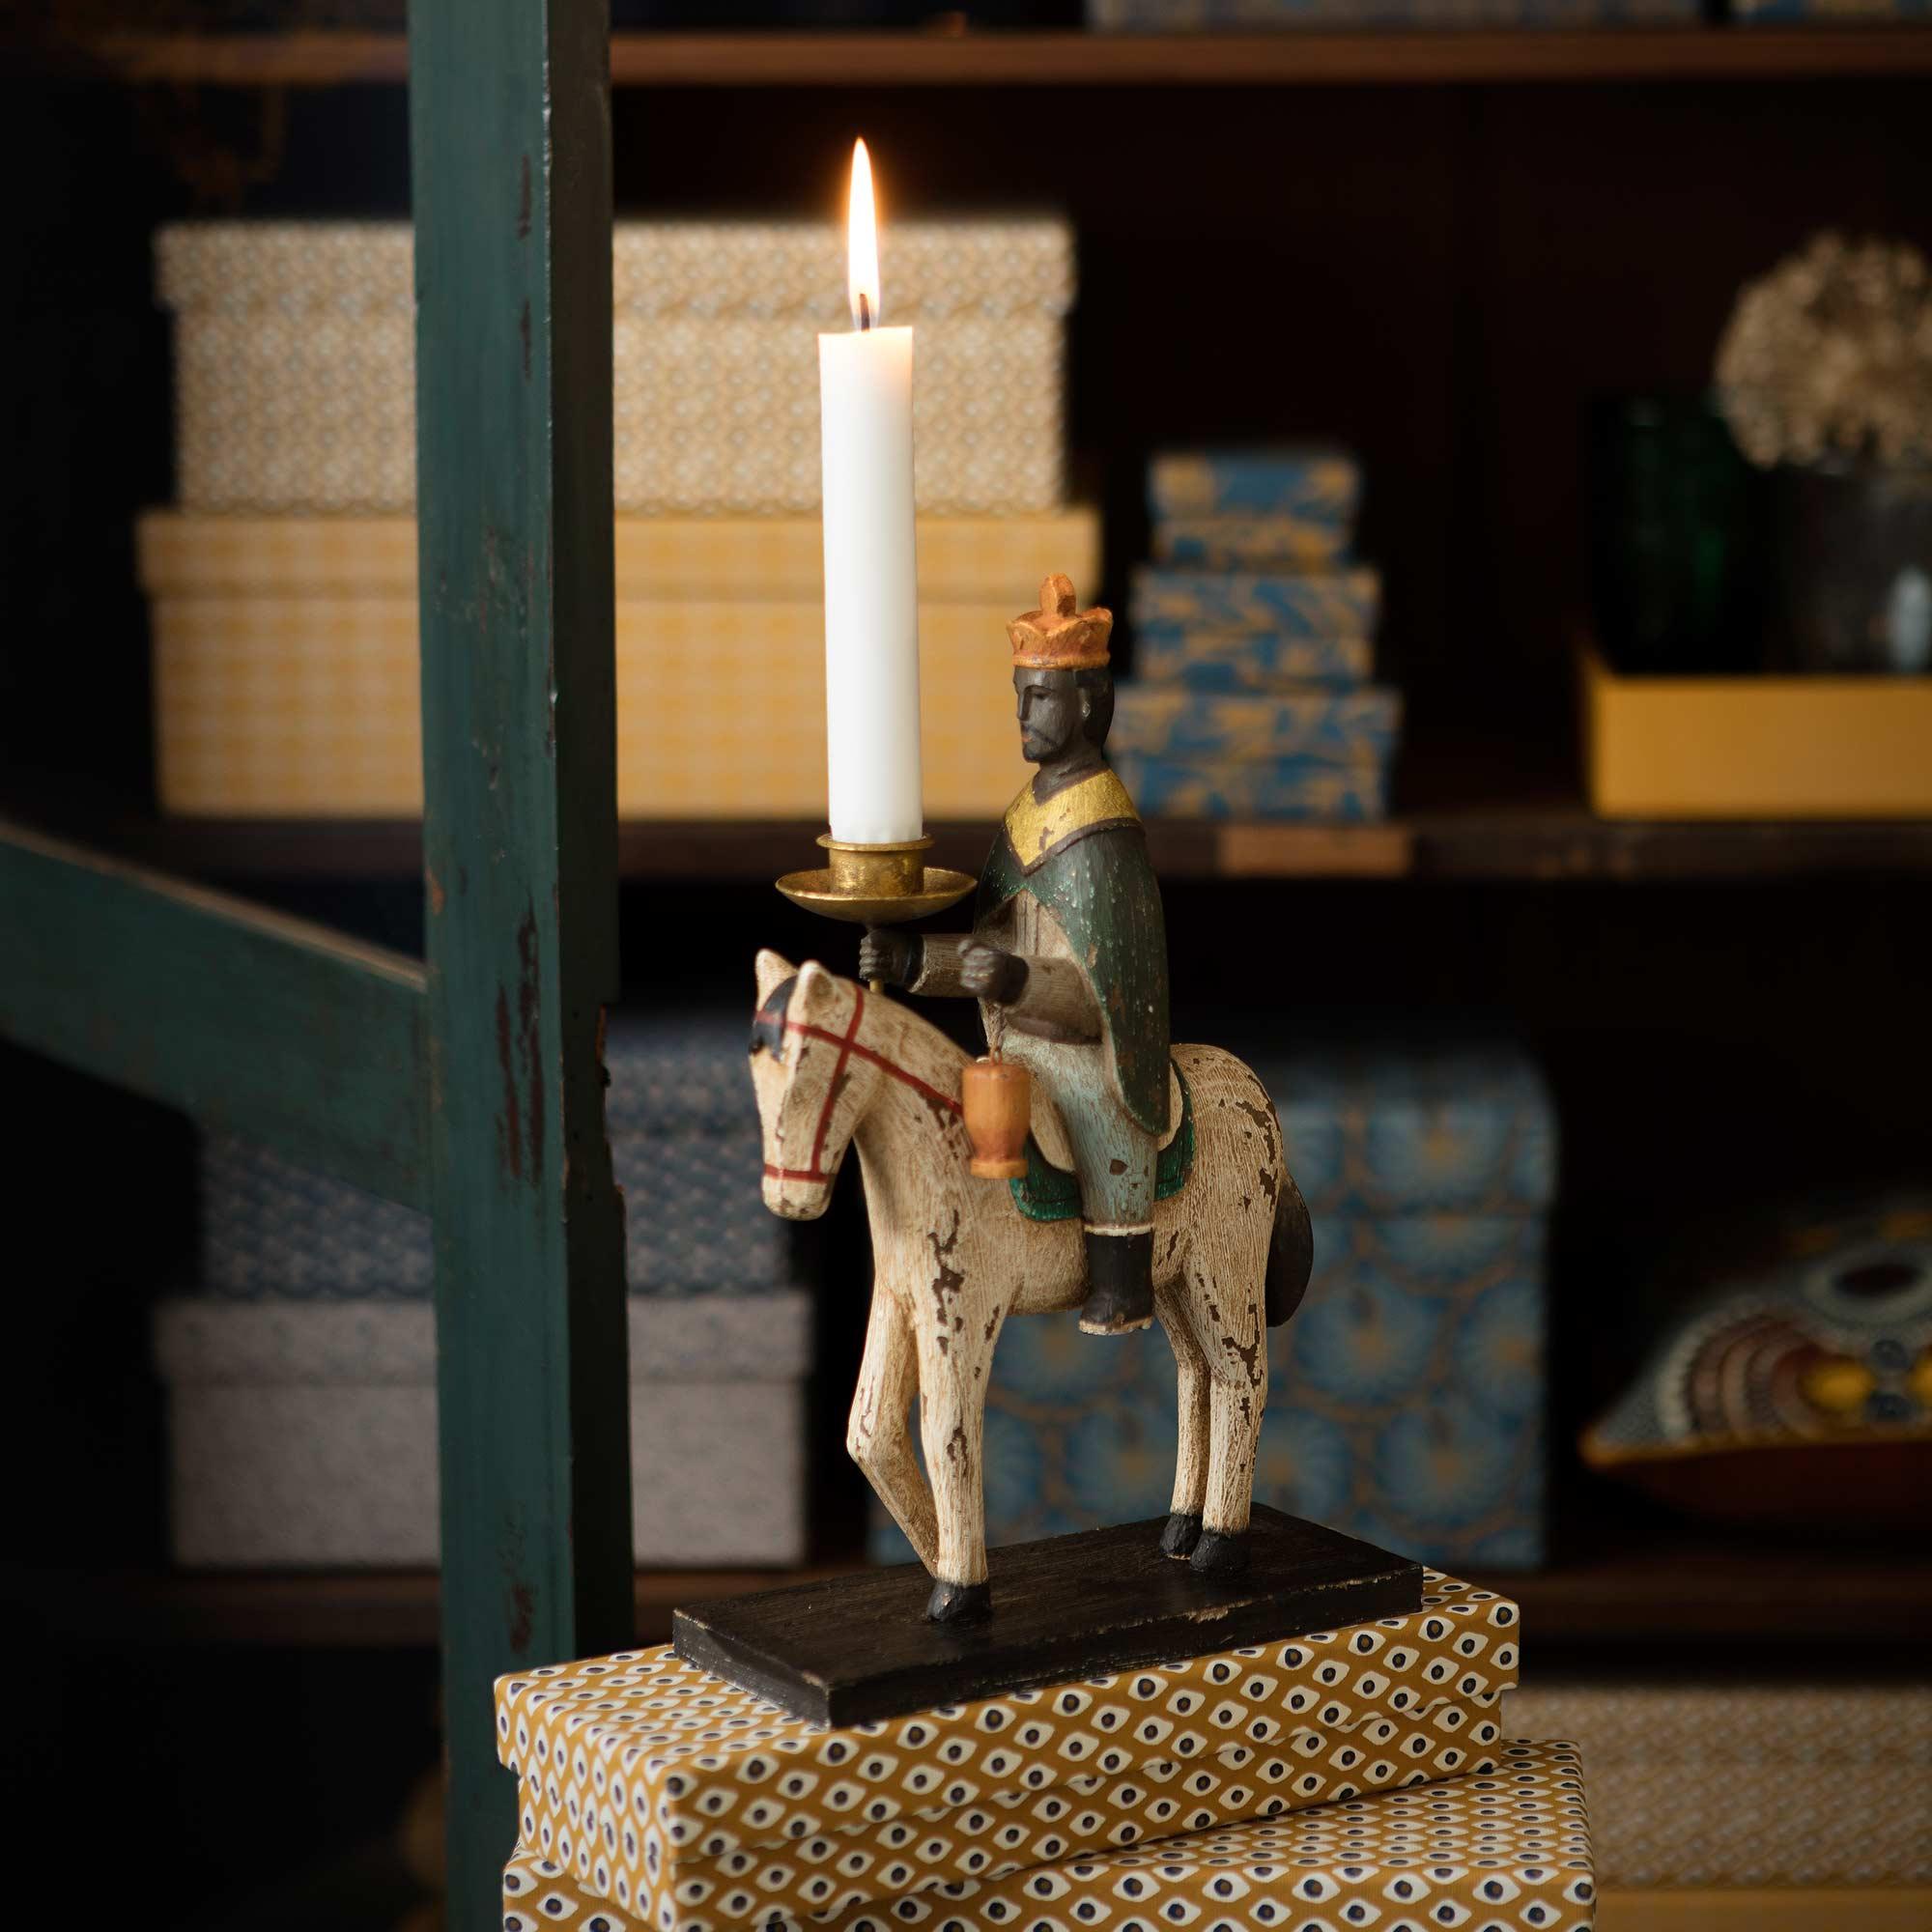 Kerzenhalter Heilige 3 Könige ♥ Farbige Figur aus Holz ♥ Skandinavische Deko für Weihnachten ♥ Xmas Trend 2019. Online kaufen, schneller Versand aus München